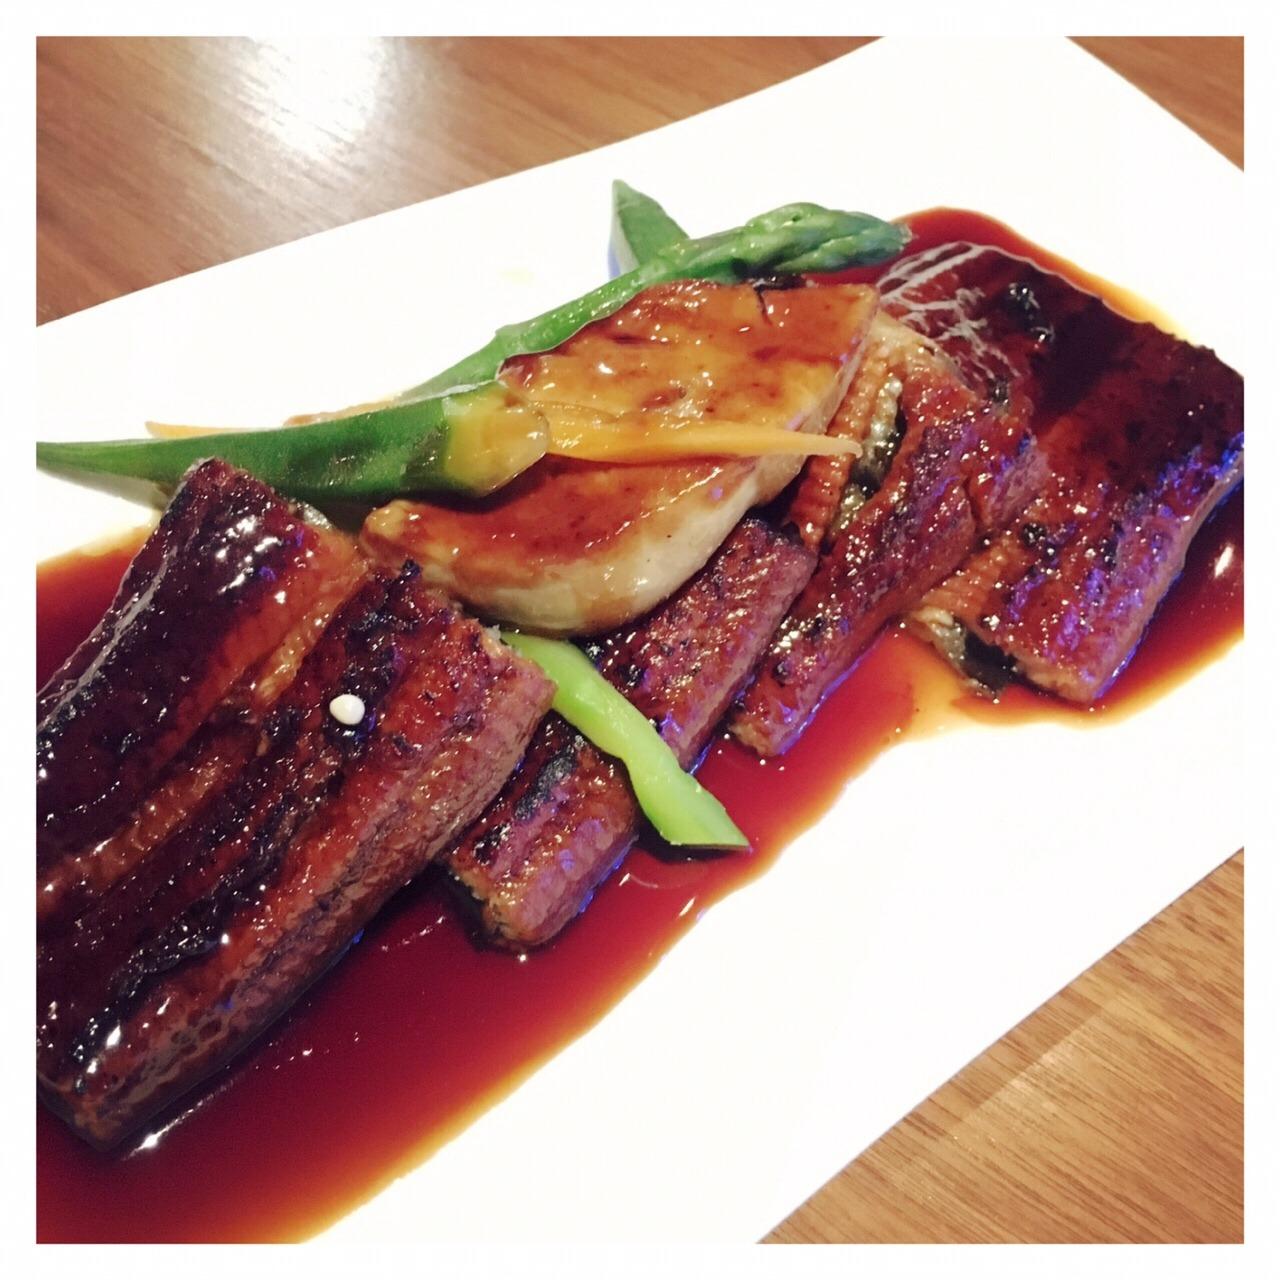 魔都高逼格餐厅の「松鹤楼 意式和食」